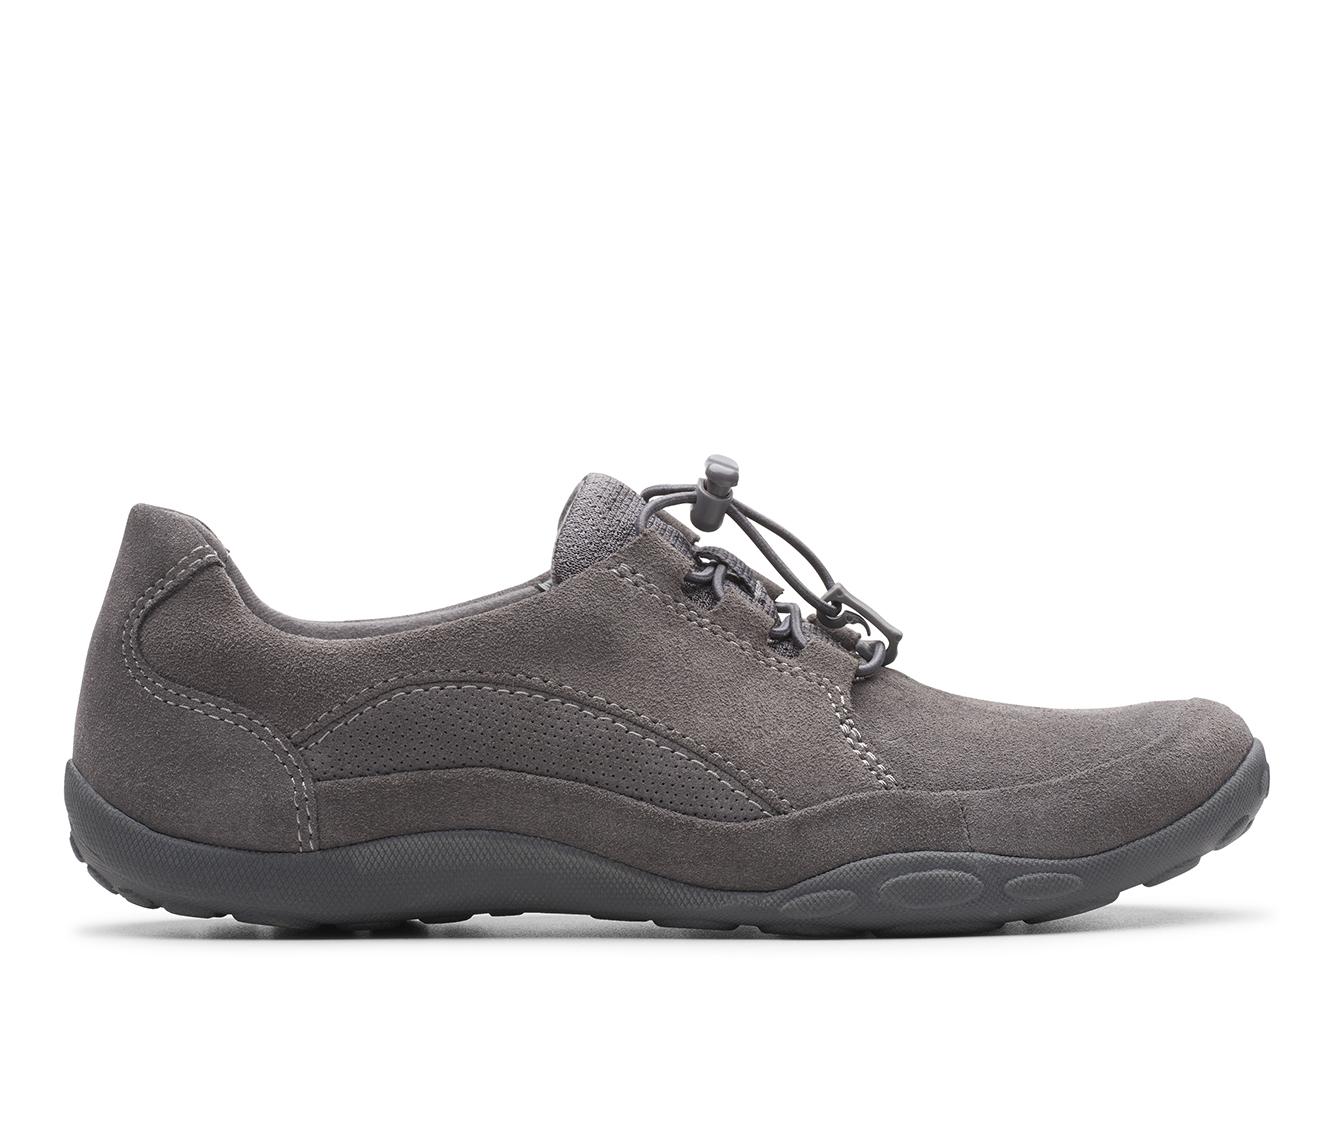 Clarks Haley Rhea Women's Shoe (Gray Suede)